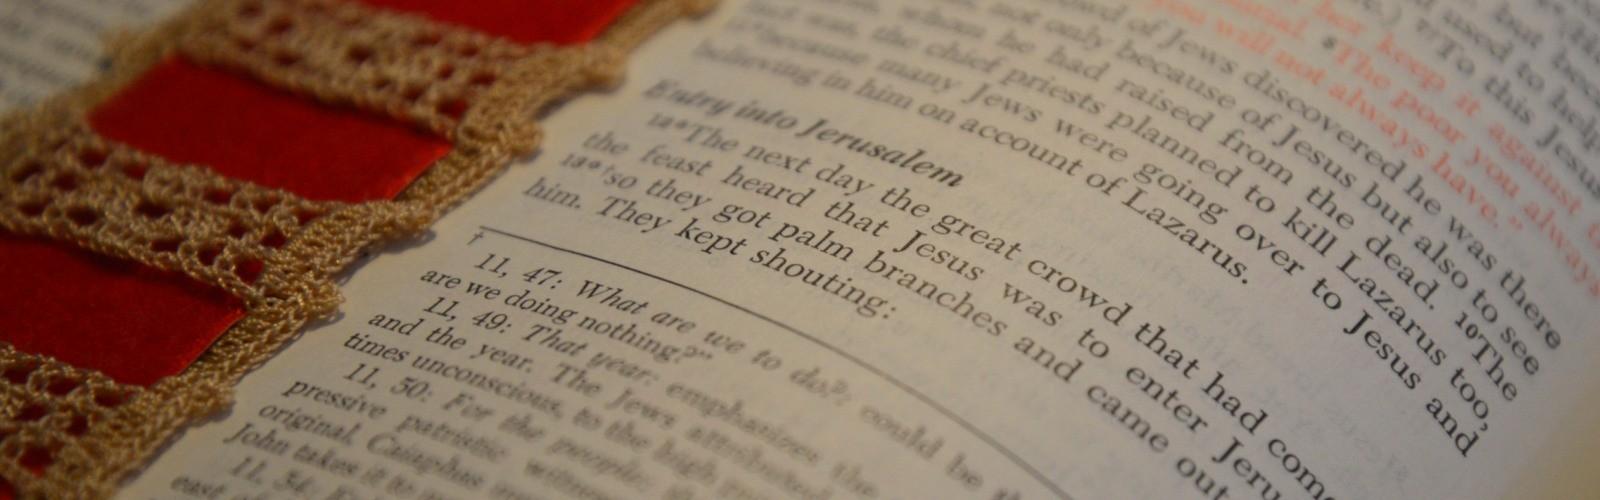 Lean Into Jesus: Palm Sunday Devotional (Vintage Pics)